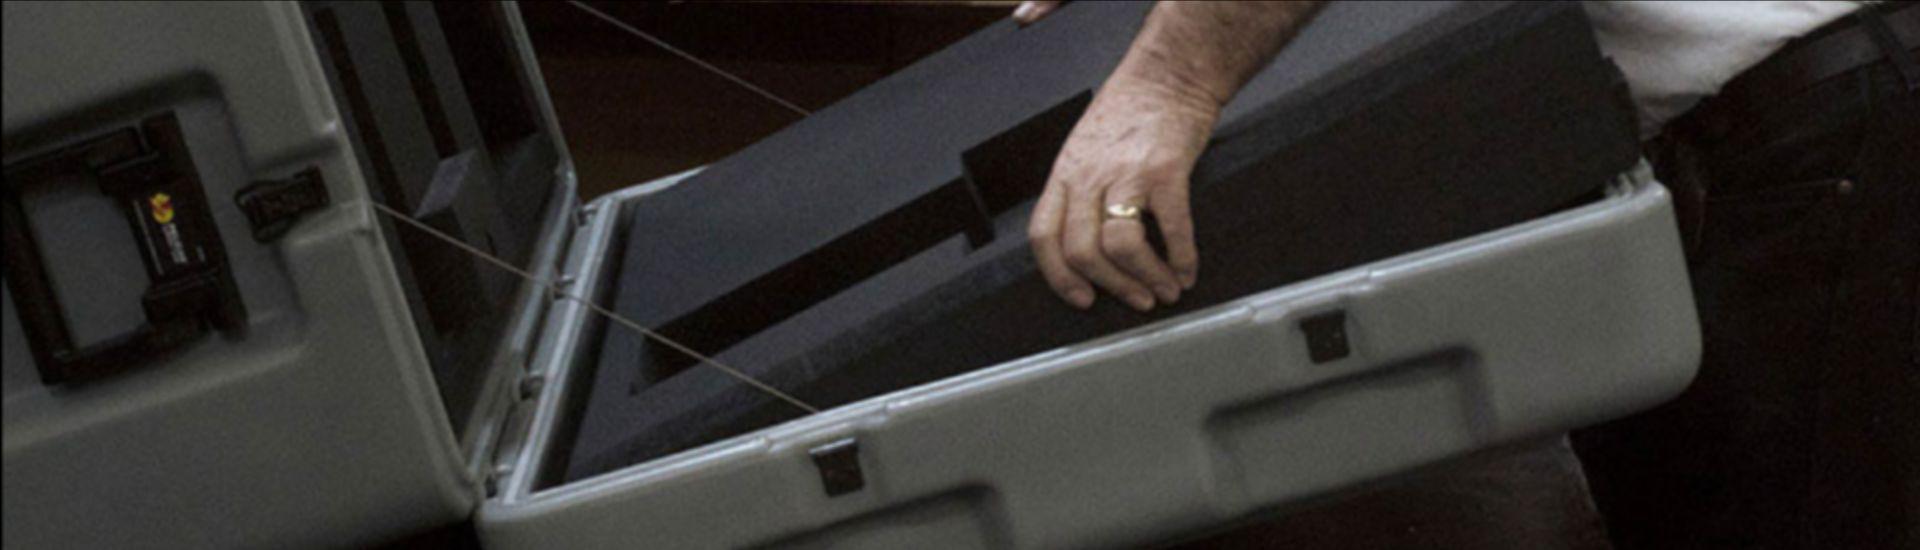 Mise en place d'un calage technique en mousse à l'interieur d'une valise